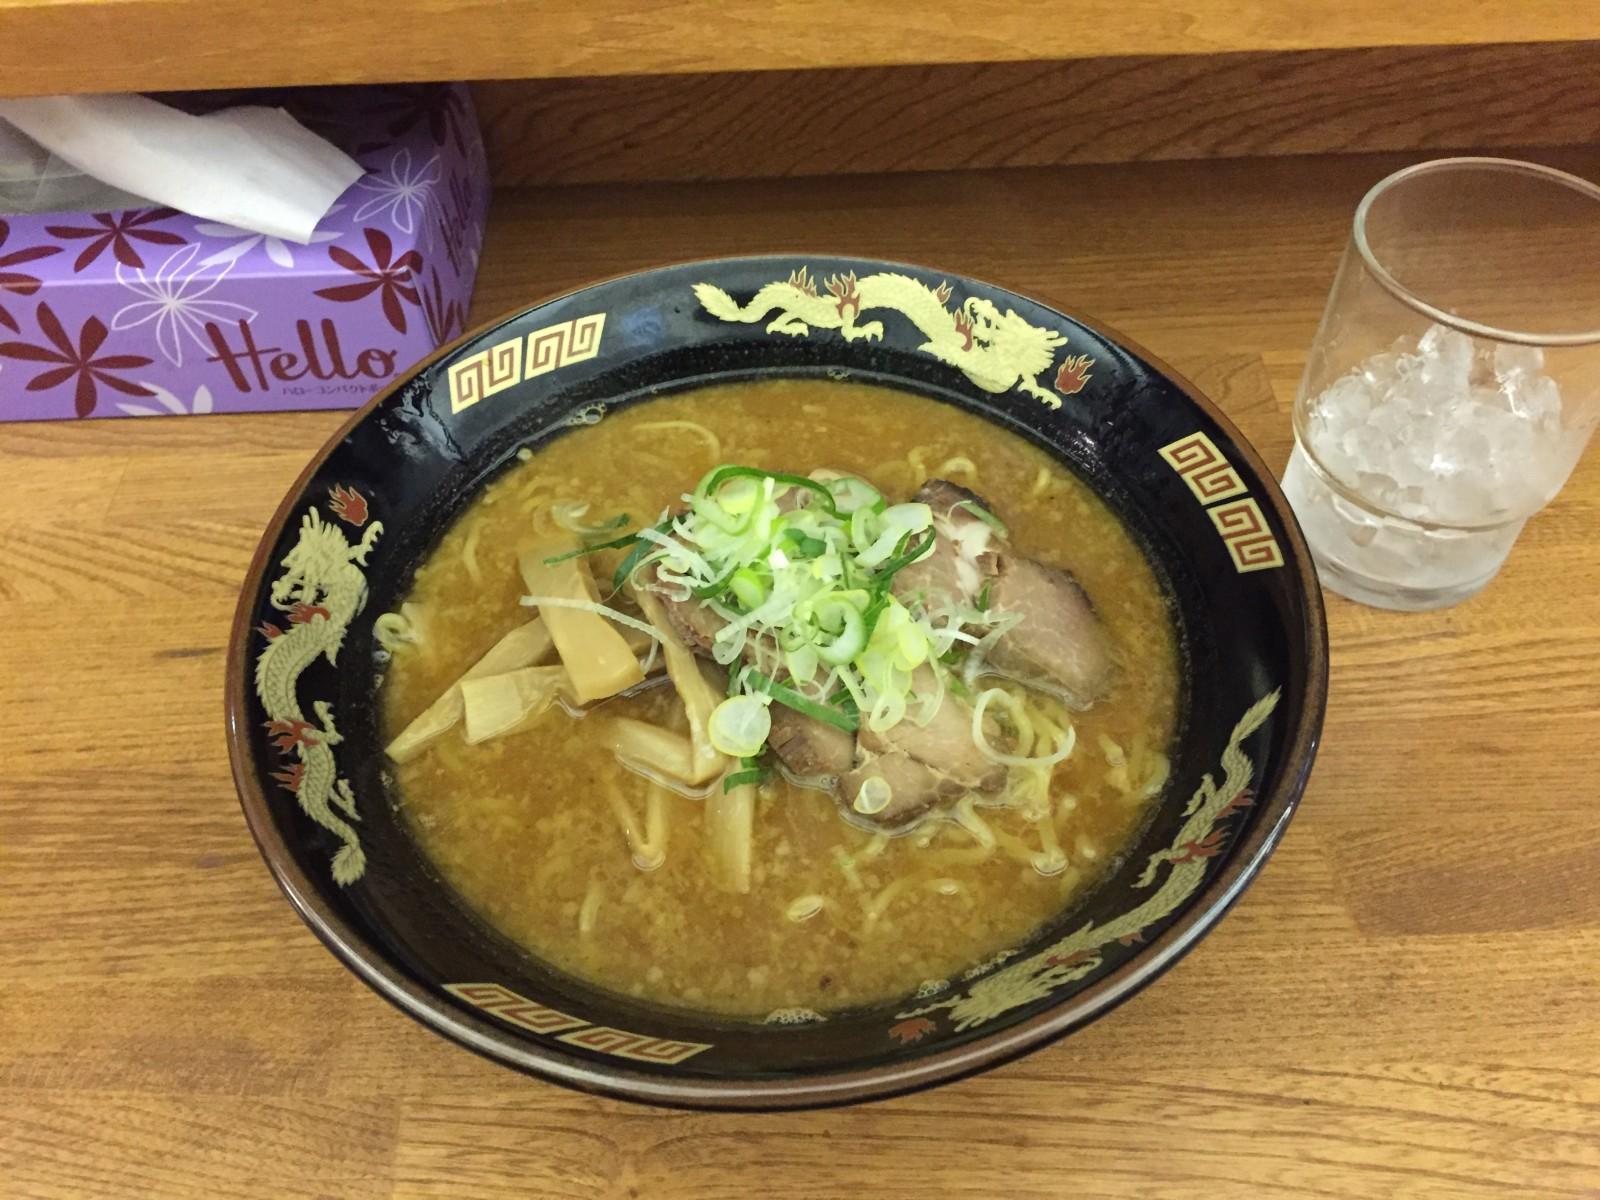 冬の北海道&東日本パス旅行記2015 その5  テツの食卓18 さっぽろラーメン 桑名(札幌市)